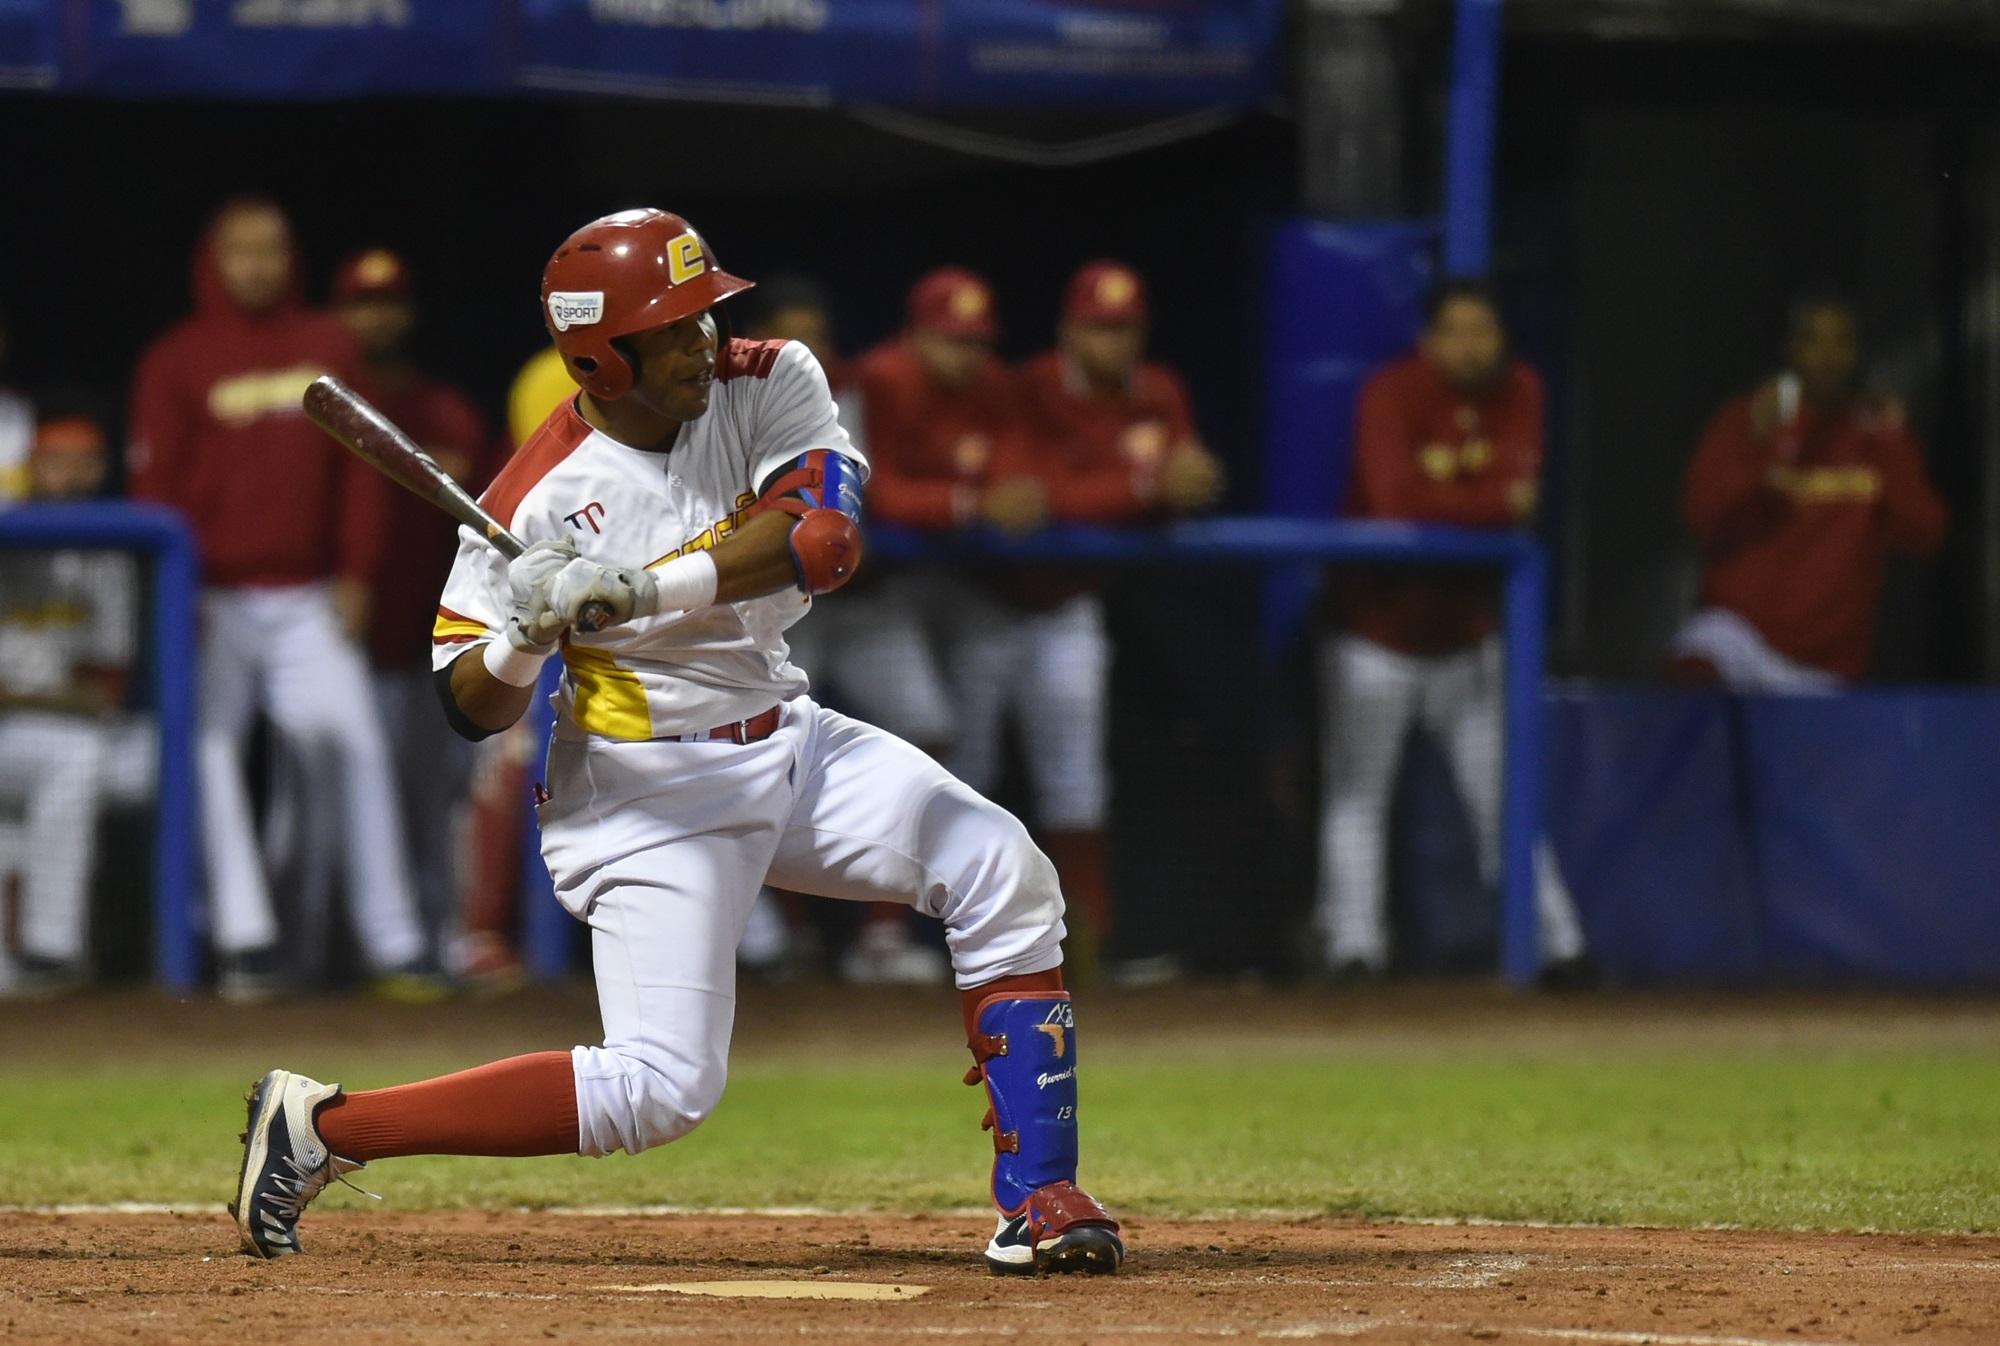 Javier Monzon at bat